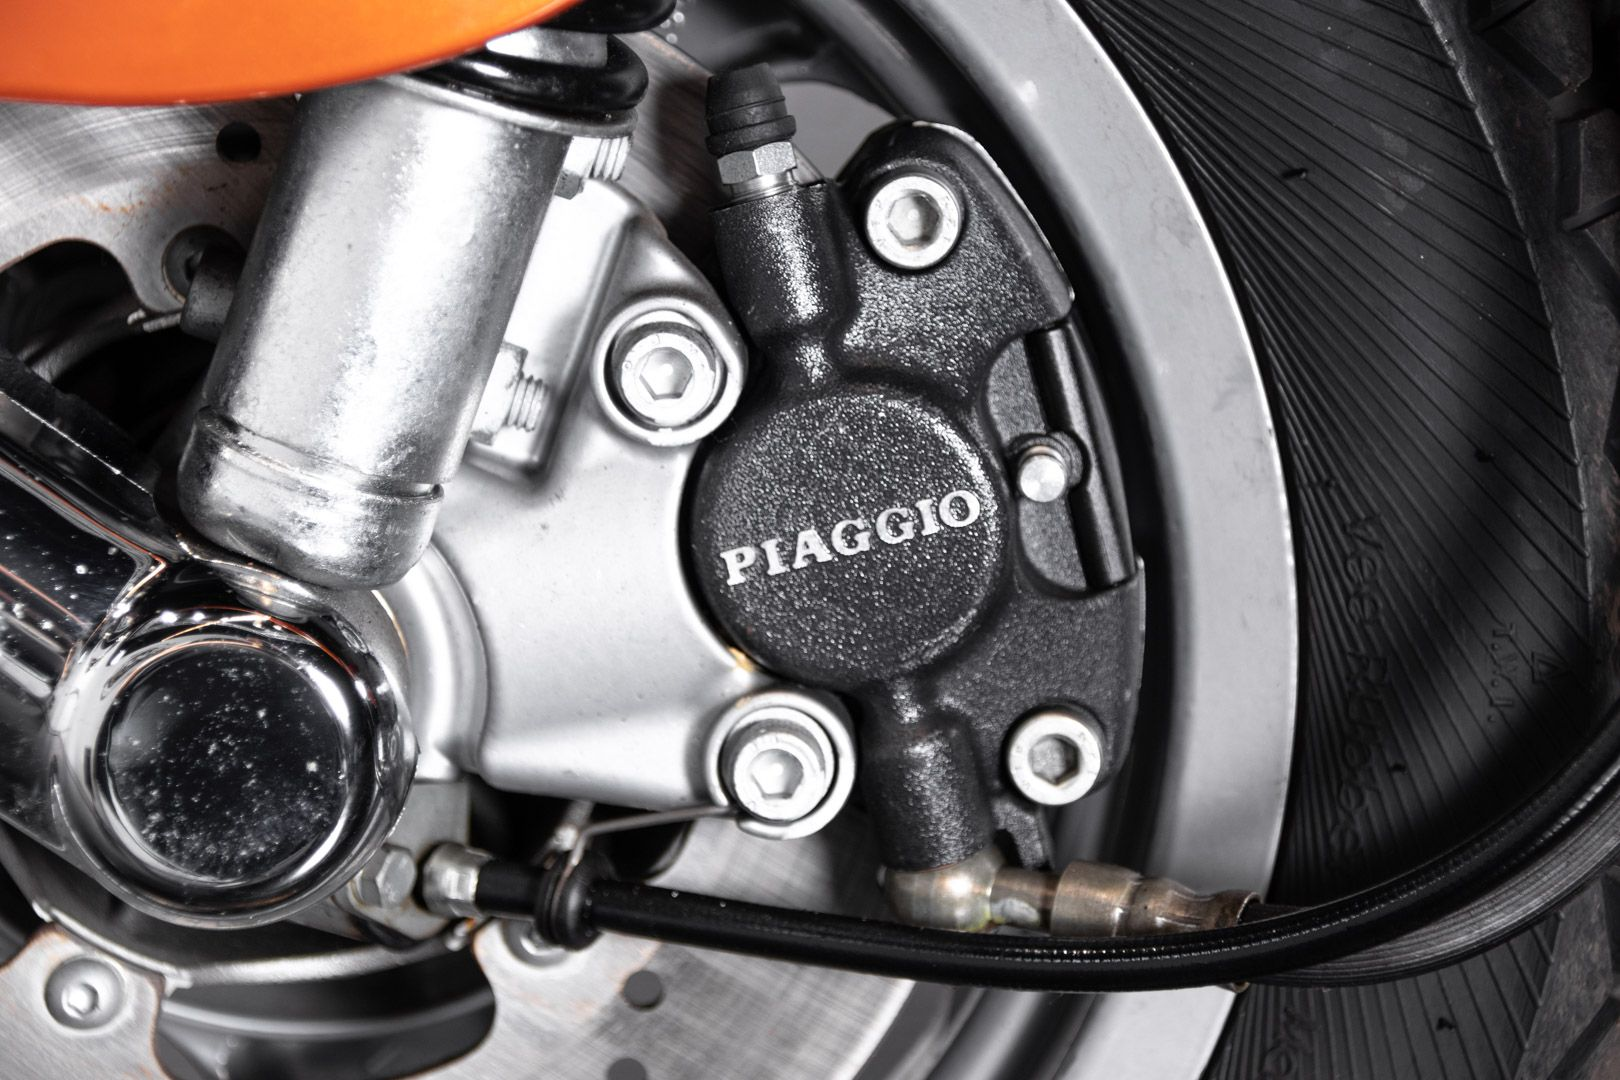 1998 Piaggio Vespa 125 ET4 81888